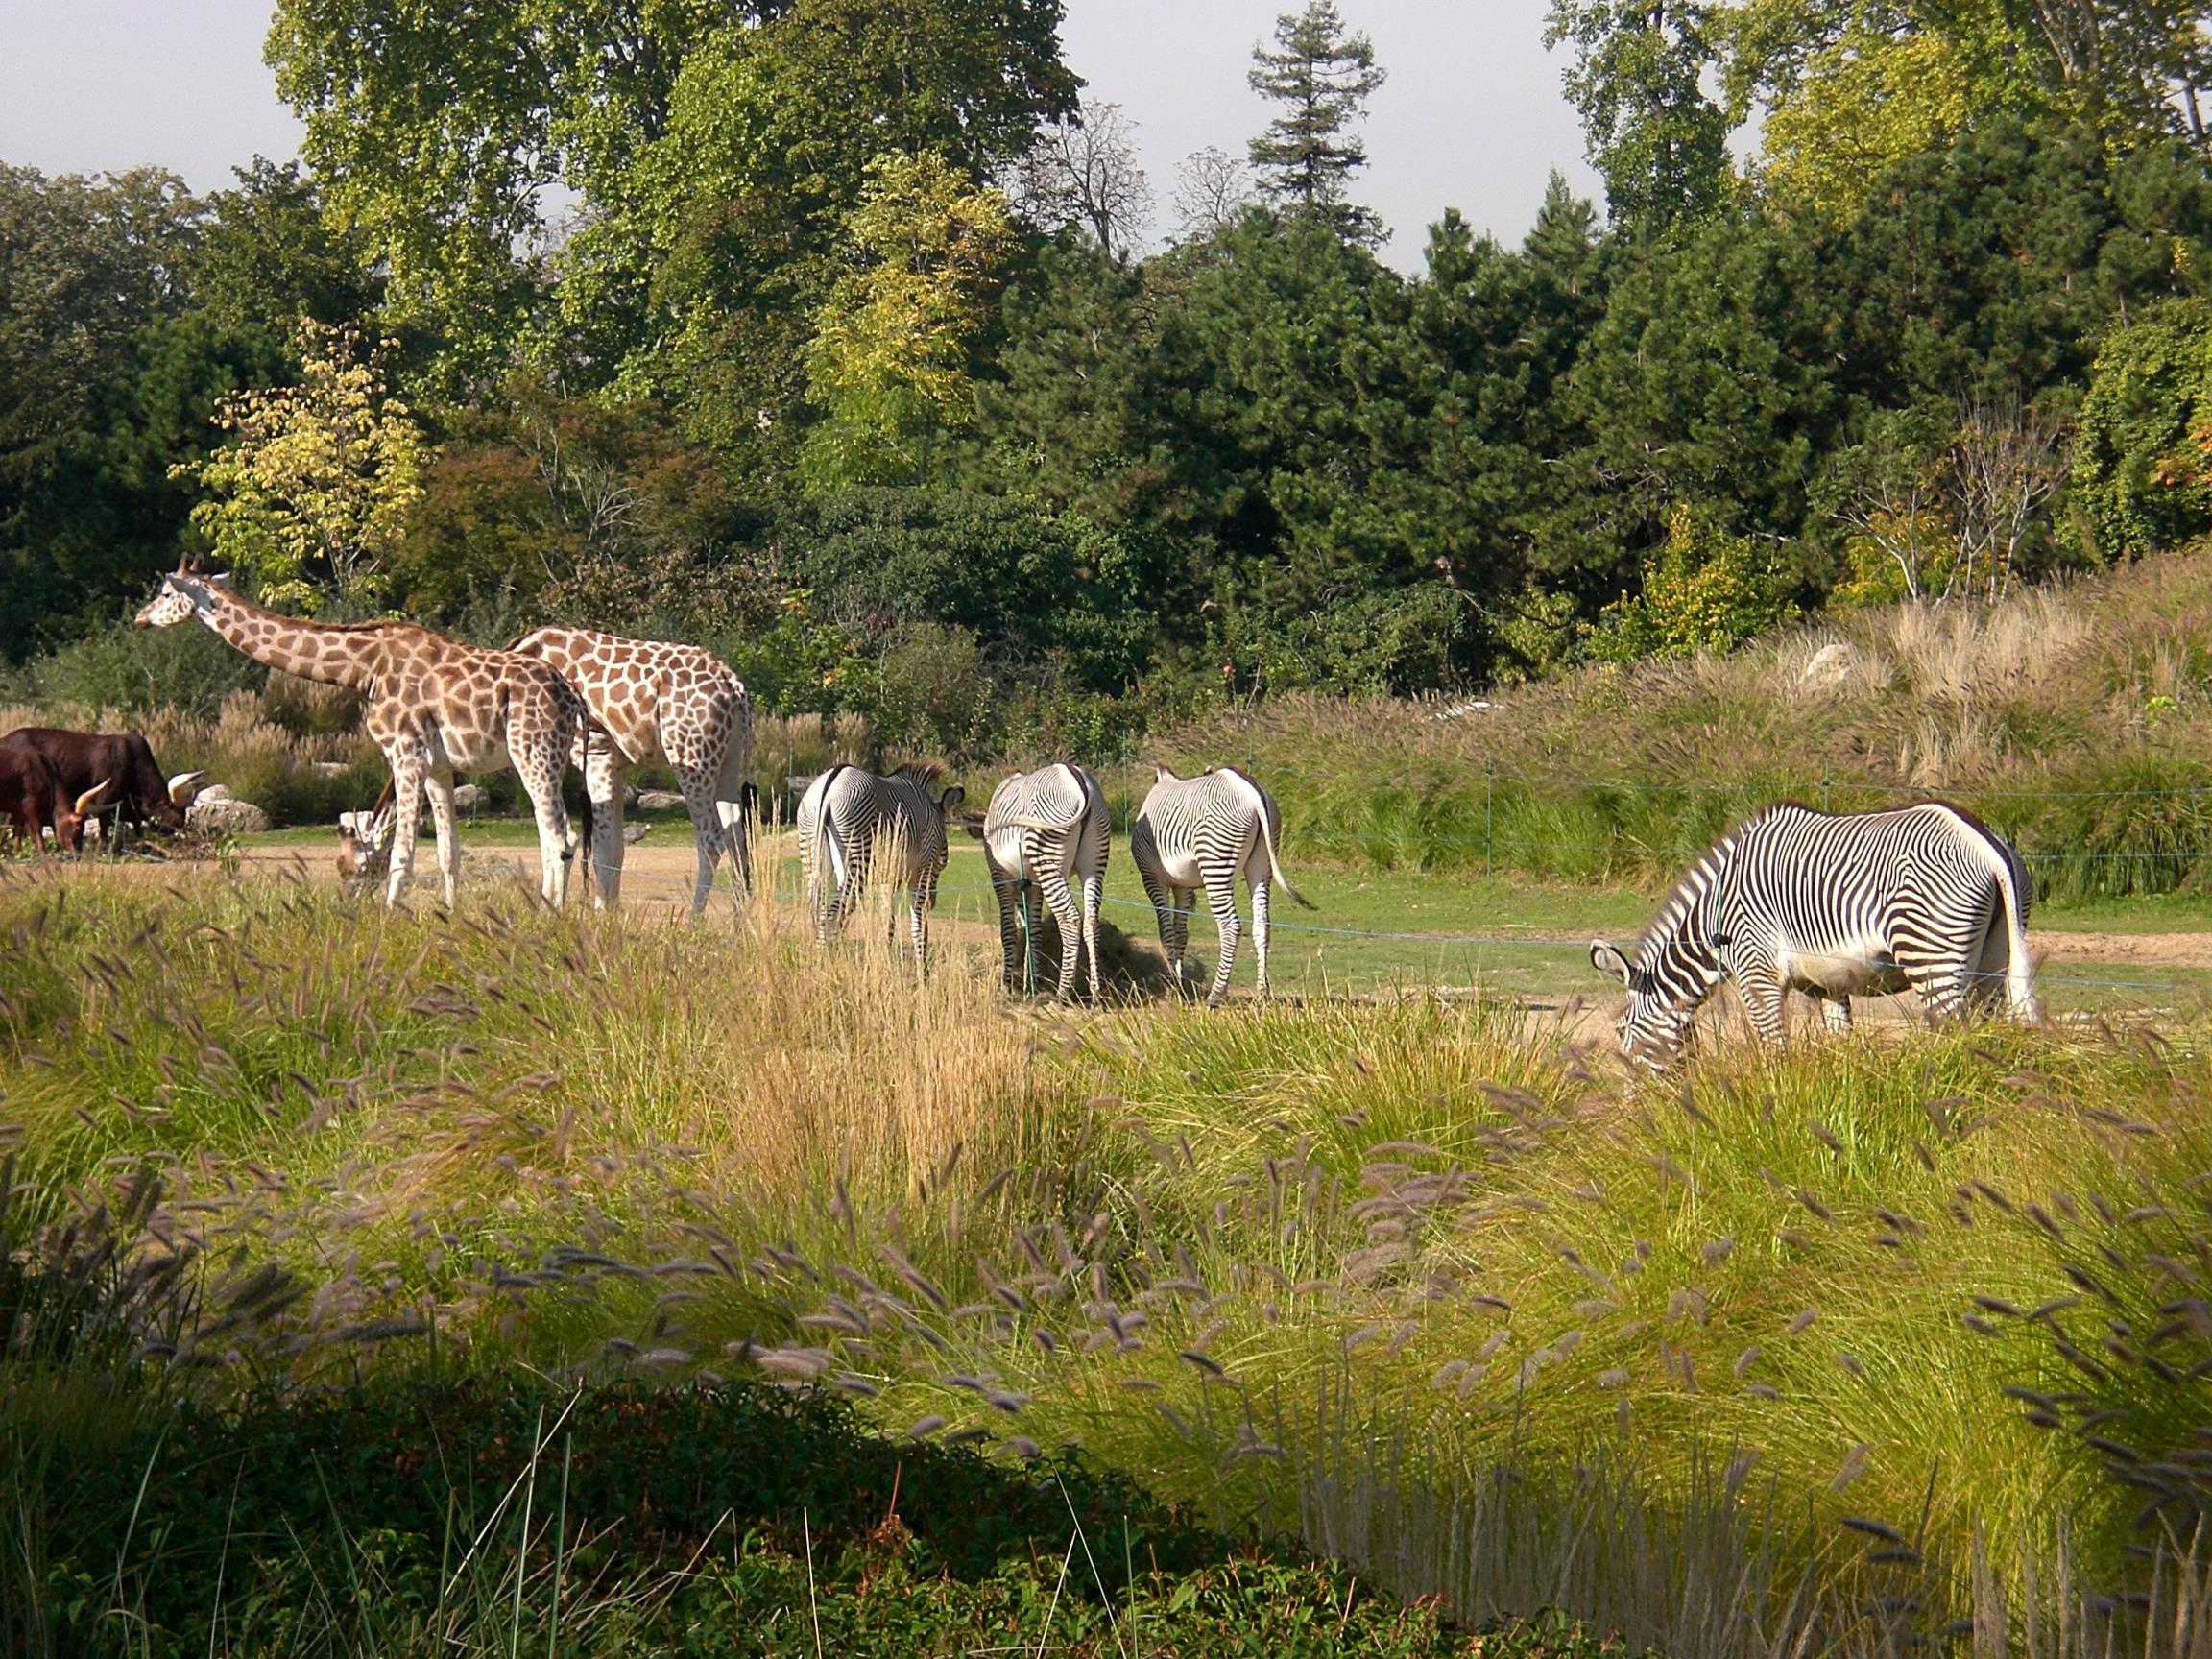 Jardin zoologique de la ville de lyon for Jardin zoologique de lyon